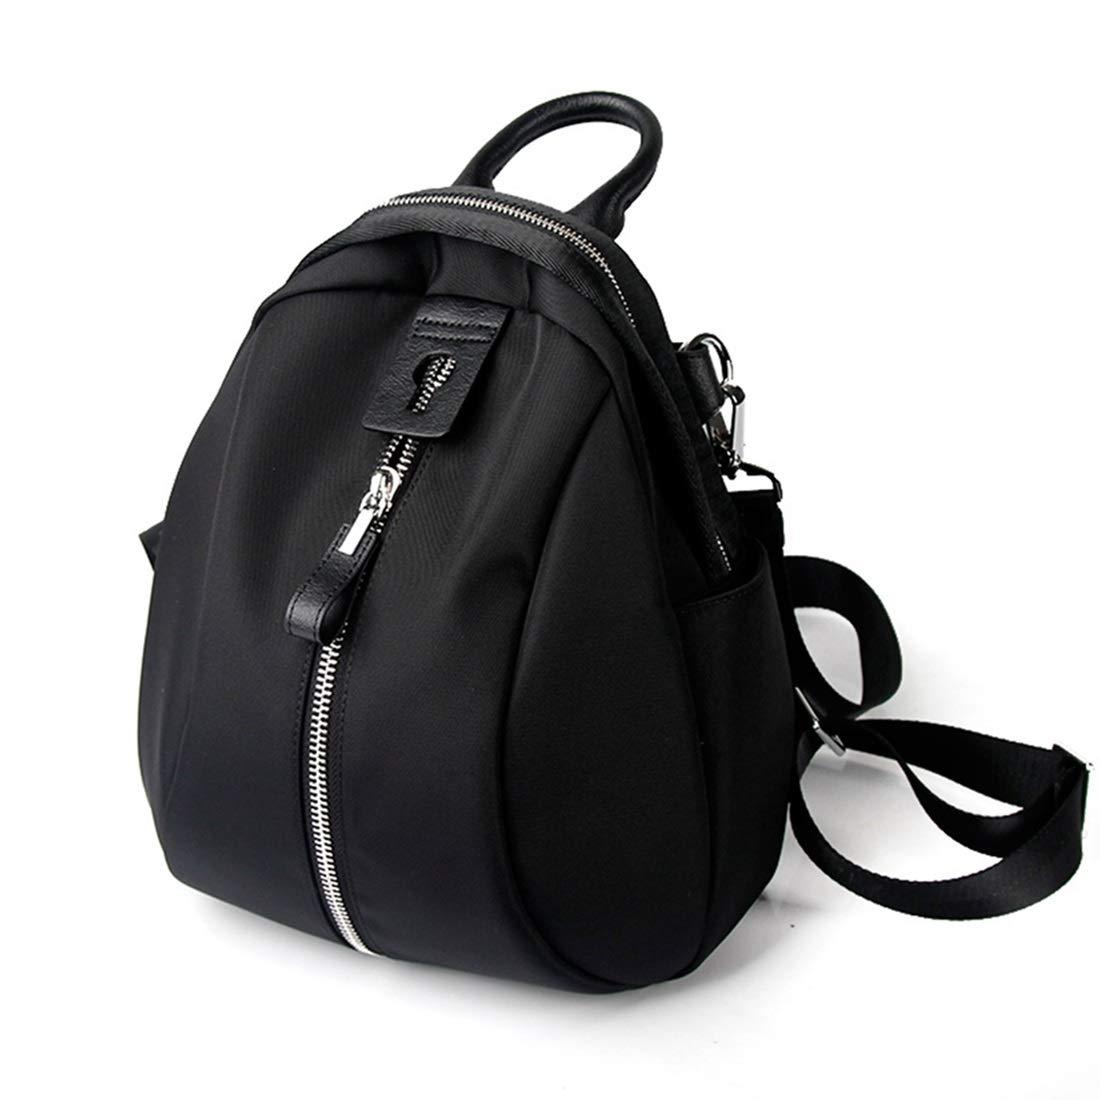 レディースカジュアル防水ナイロン布バックパック KAKACITY (色 : 黒) B07SMZ2WSL 黒